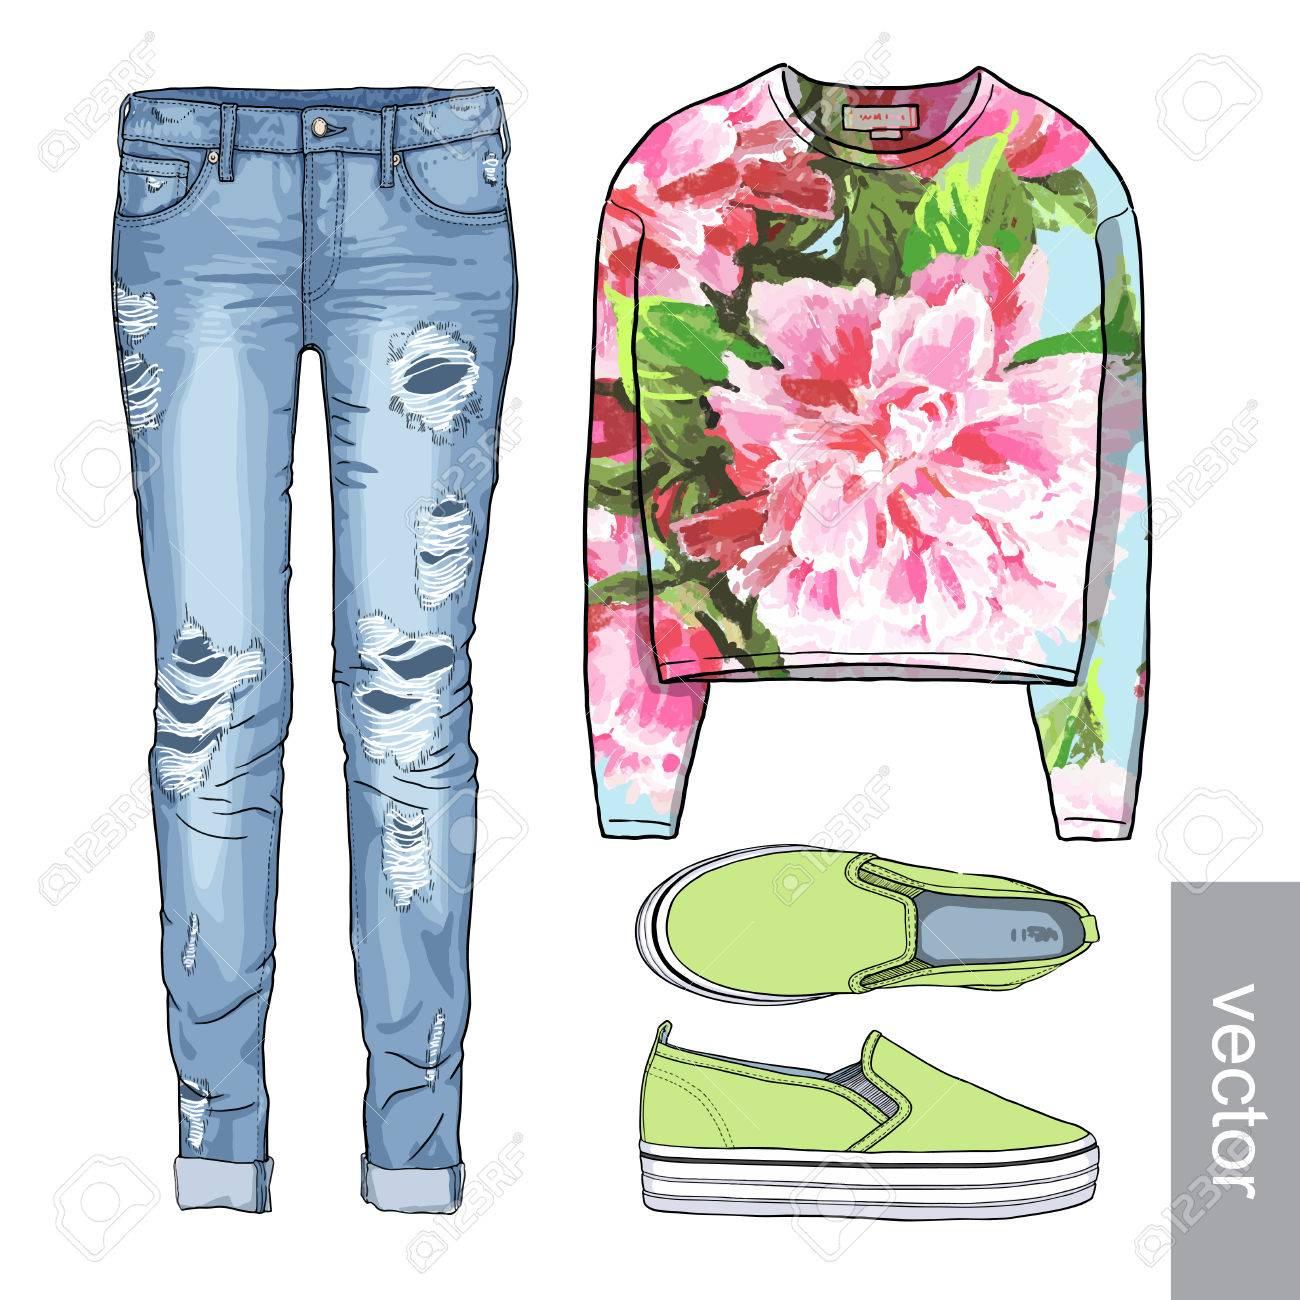 baf51306f Dama de la moda conjunto de la primavera, traje de la temporada de  invierno. Ilustración estilo y de moda de ropa. Denim, slip-on, los  pantalones ...